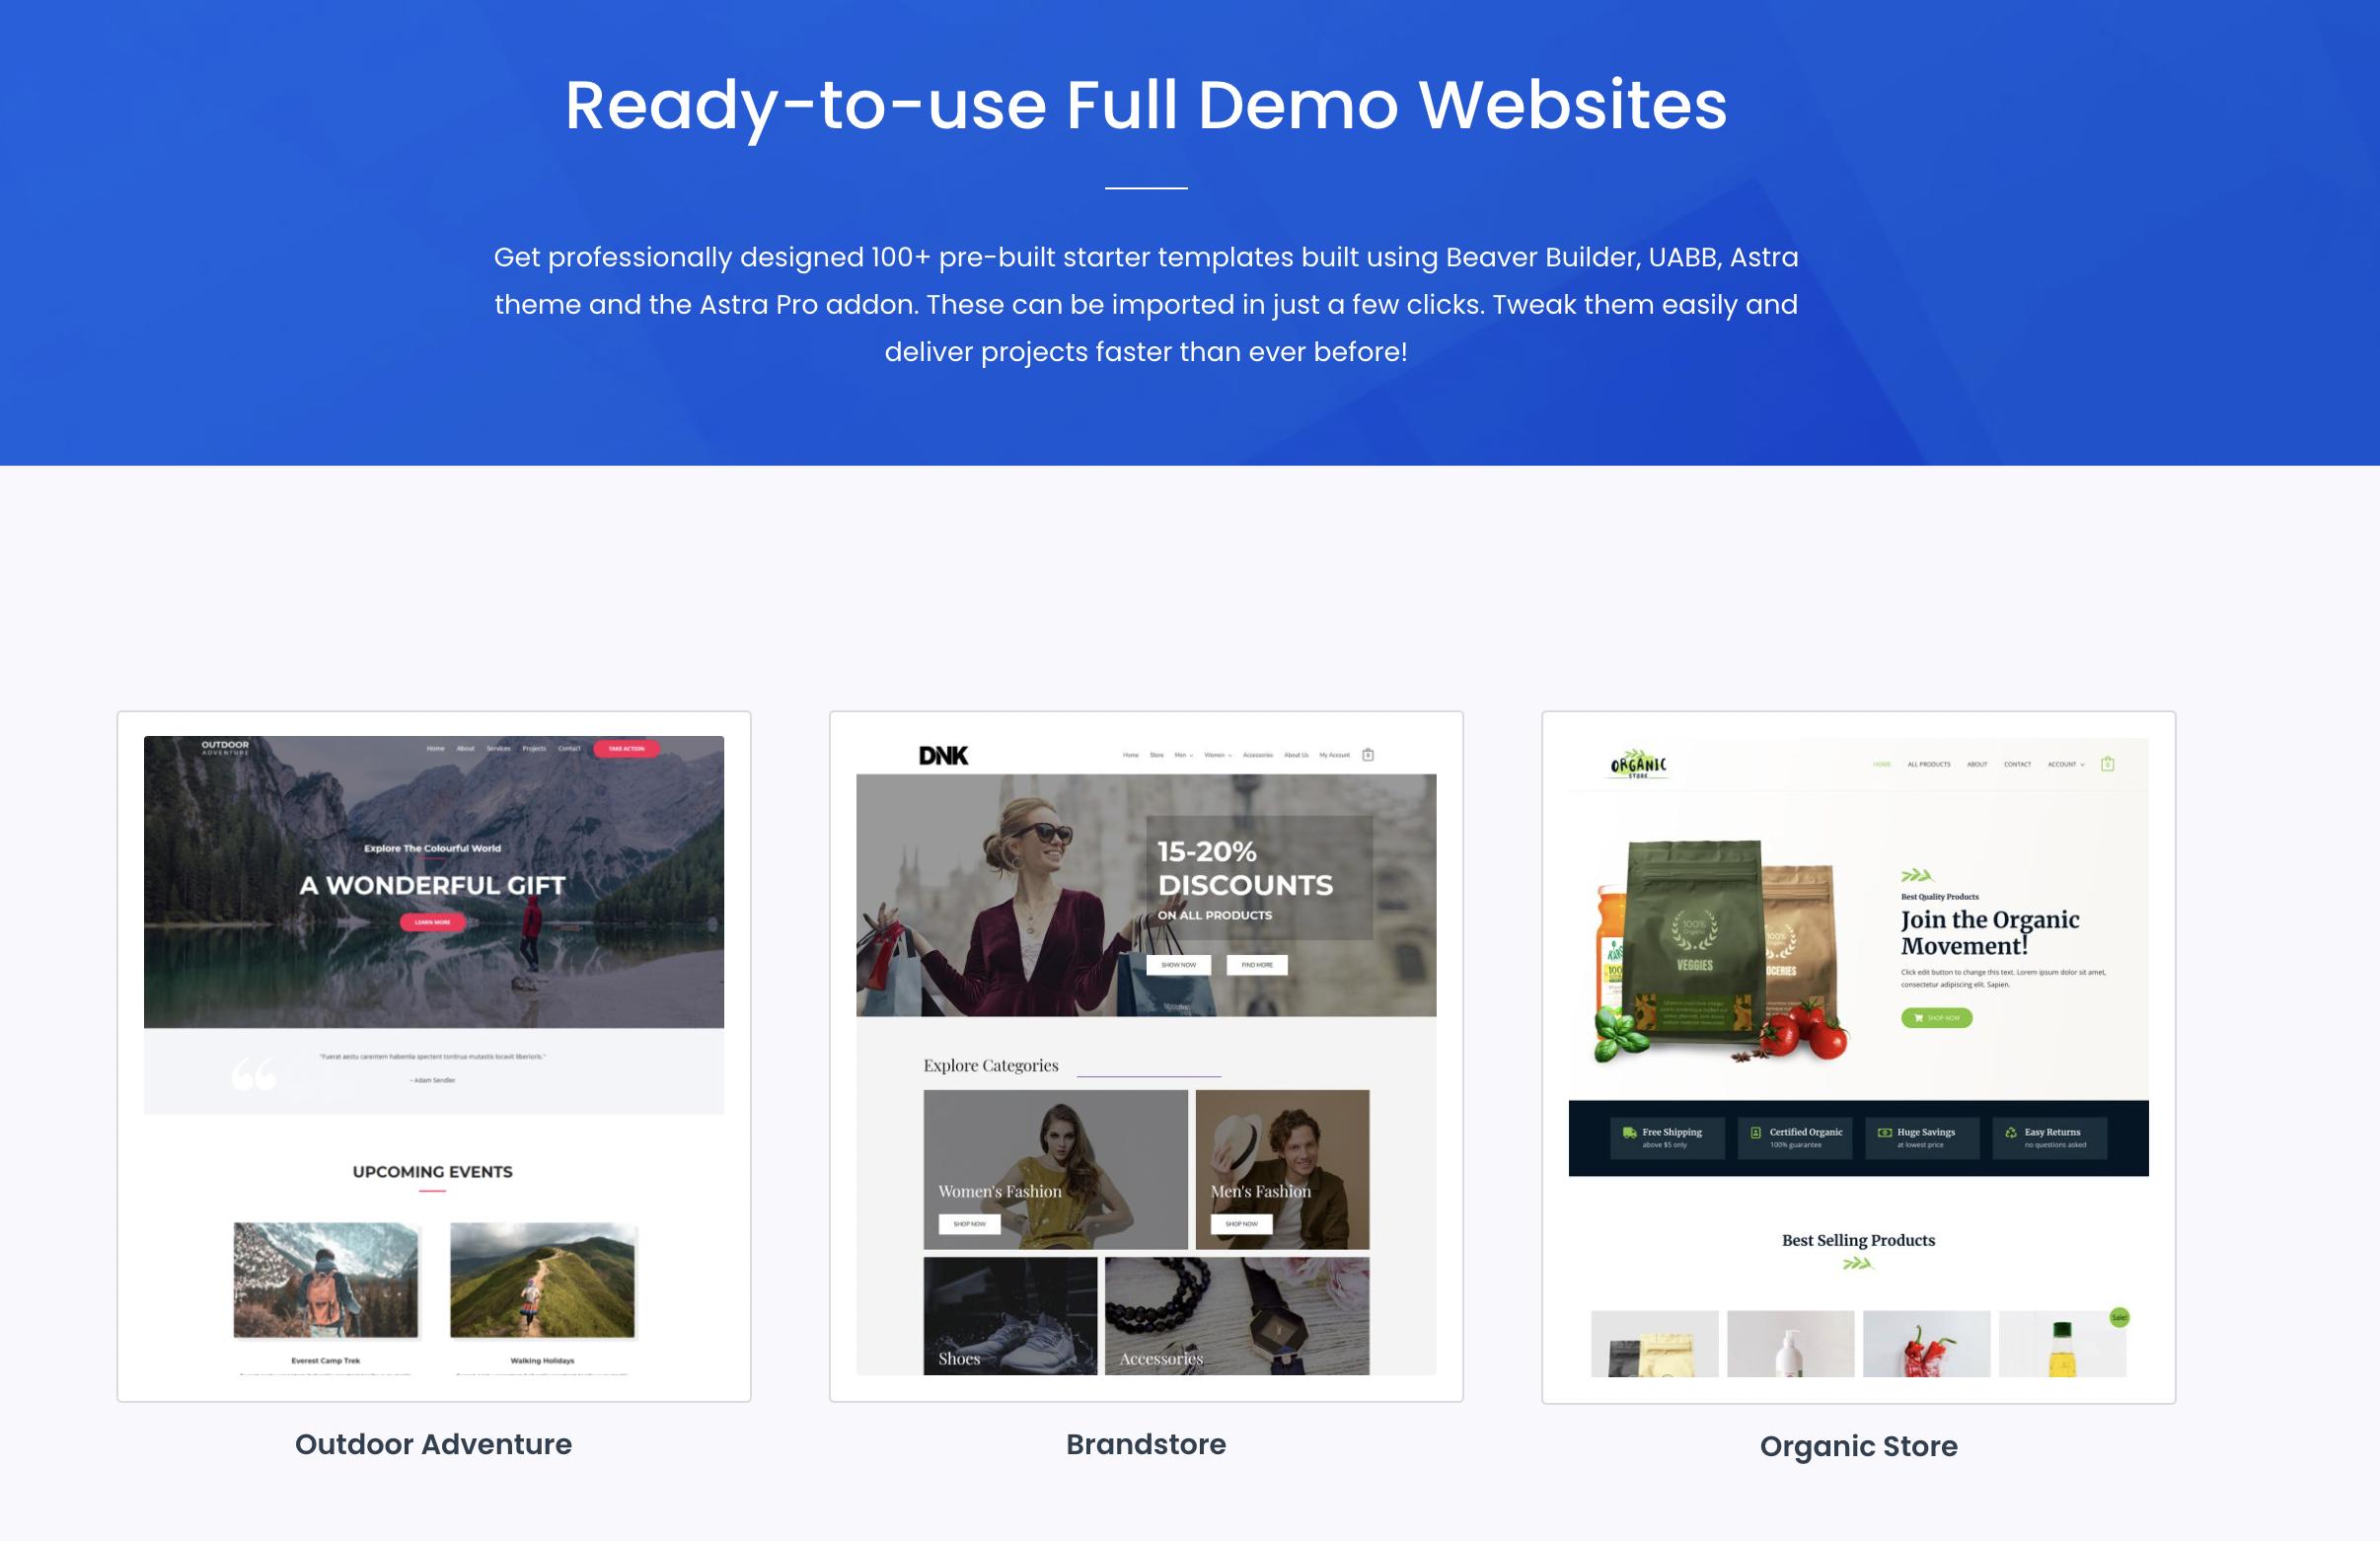 UABB Ready Website Templates